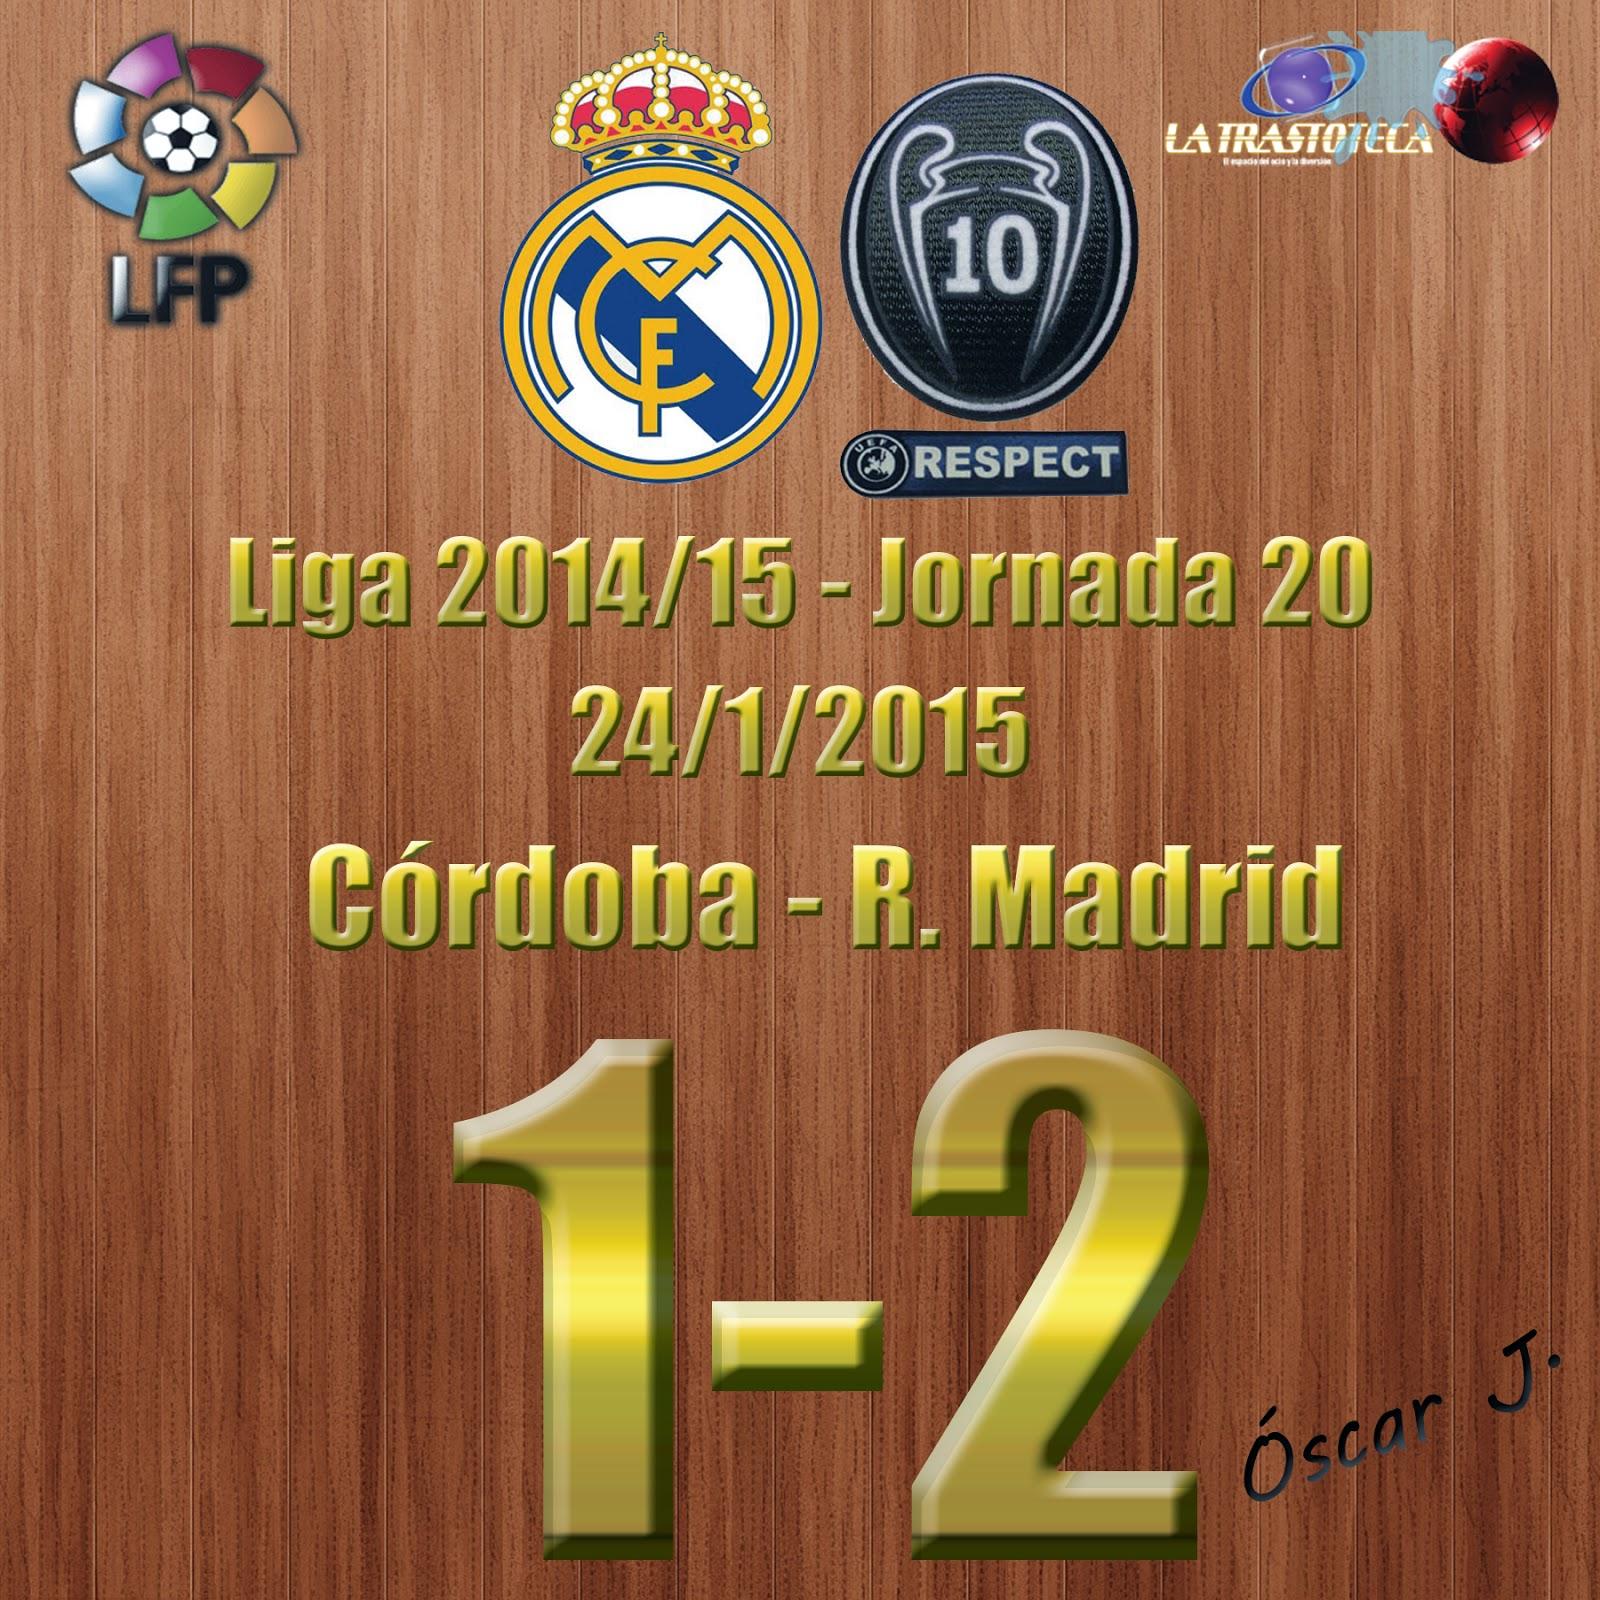 Córdoba 1-2 Real Madrid - Liga 2014/15 - Jornada 20 - (24/1/2015)